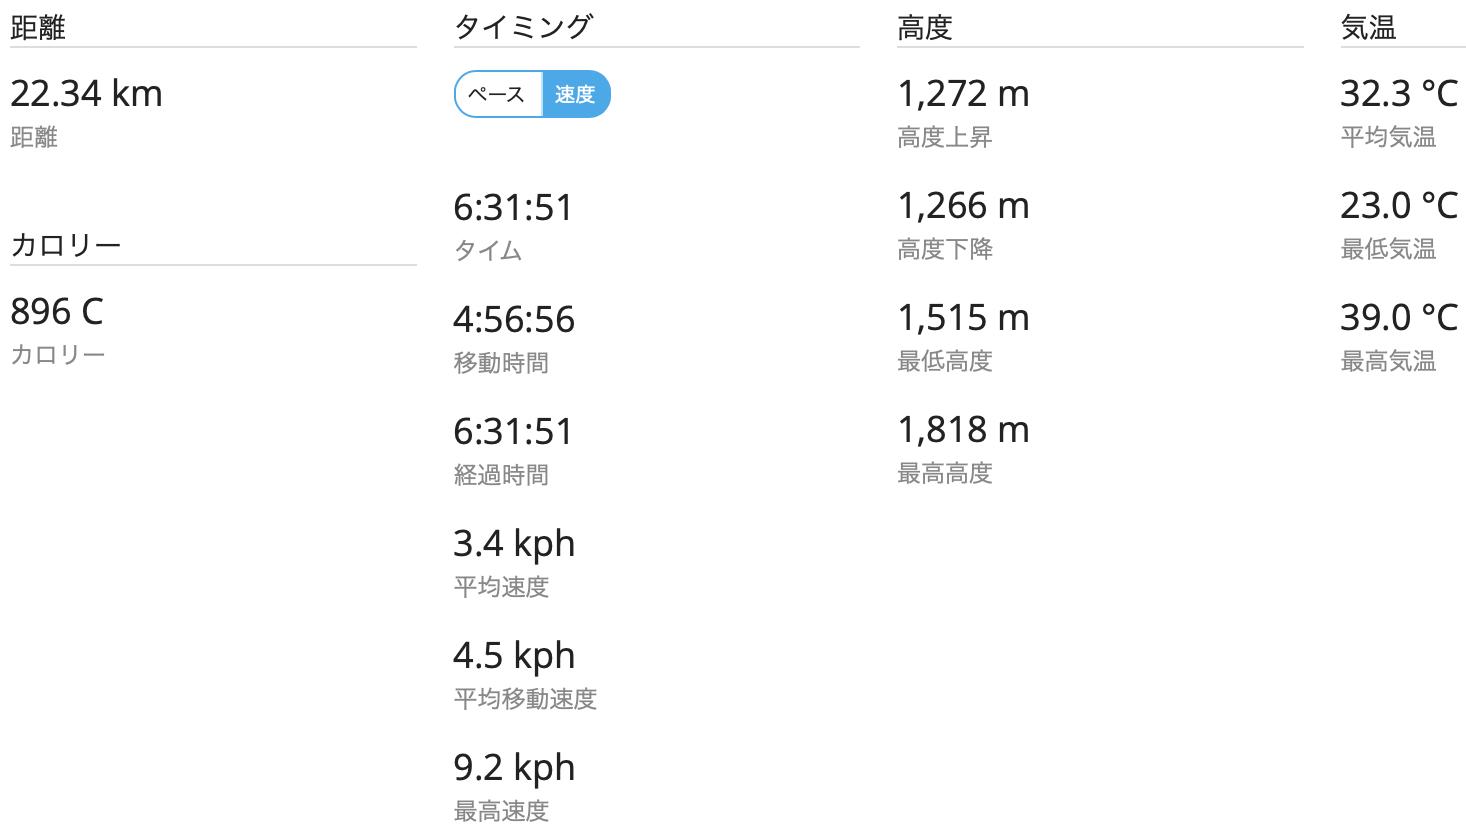 蔵王山 GPSログ